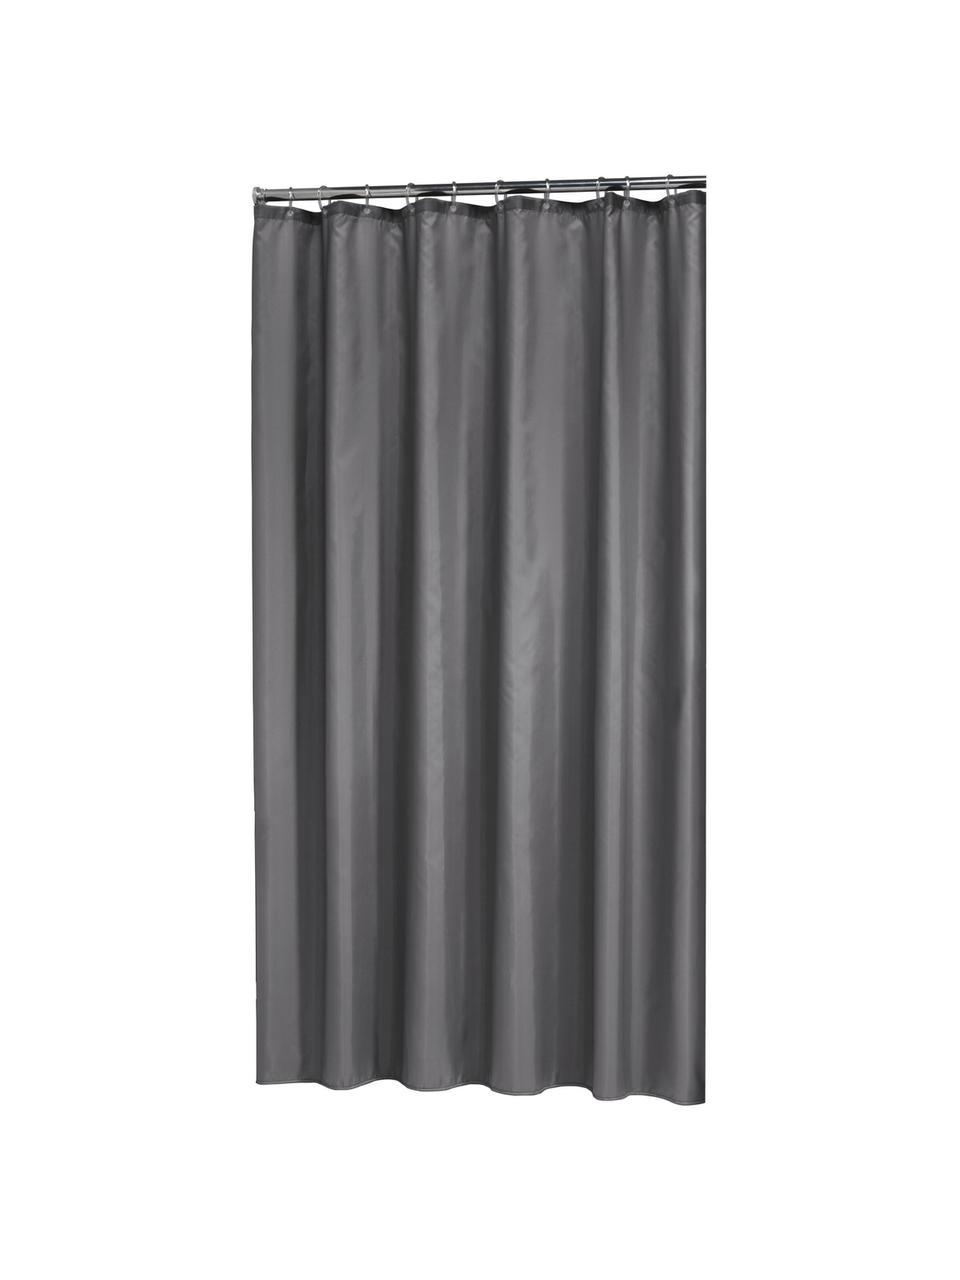 Tenda da doccia grigio scuro Granada, 100% poliestere Idrorepellente non impermeabile, Grigio scuro, Larg. 180 x Lung. 200 cm